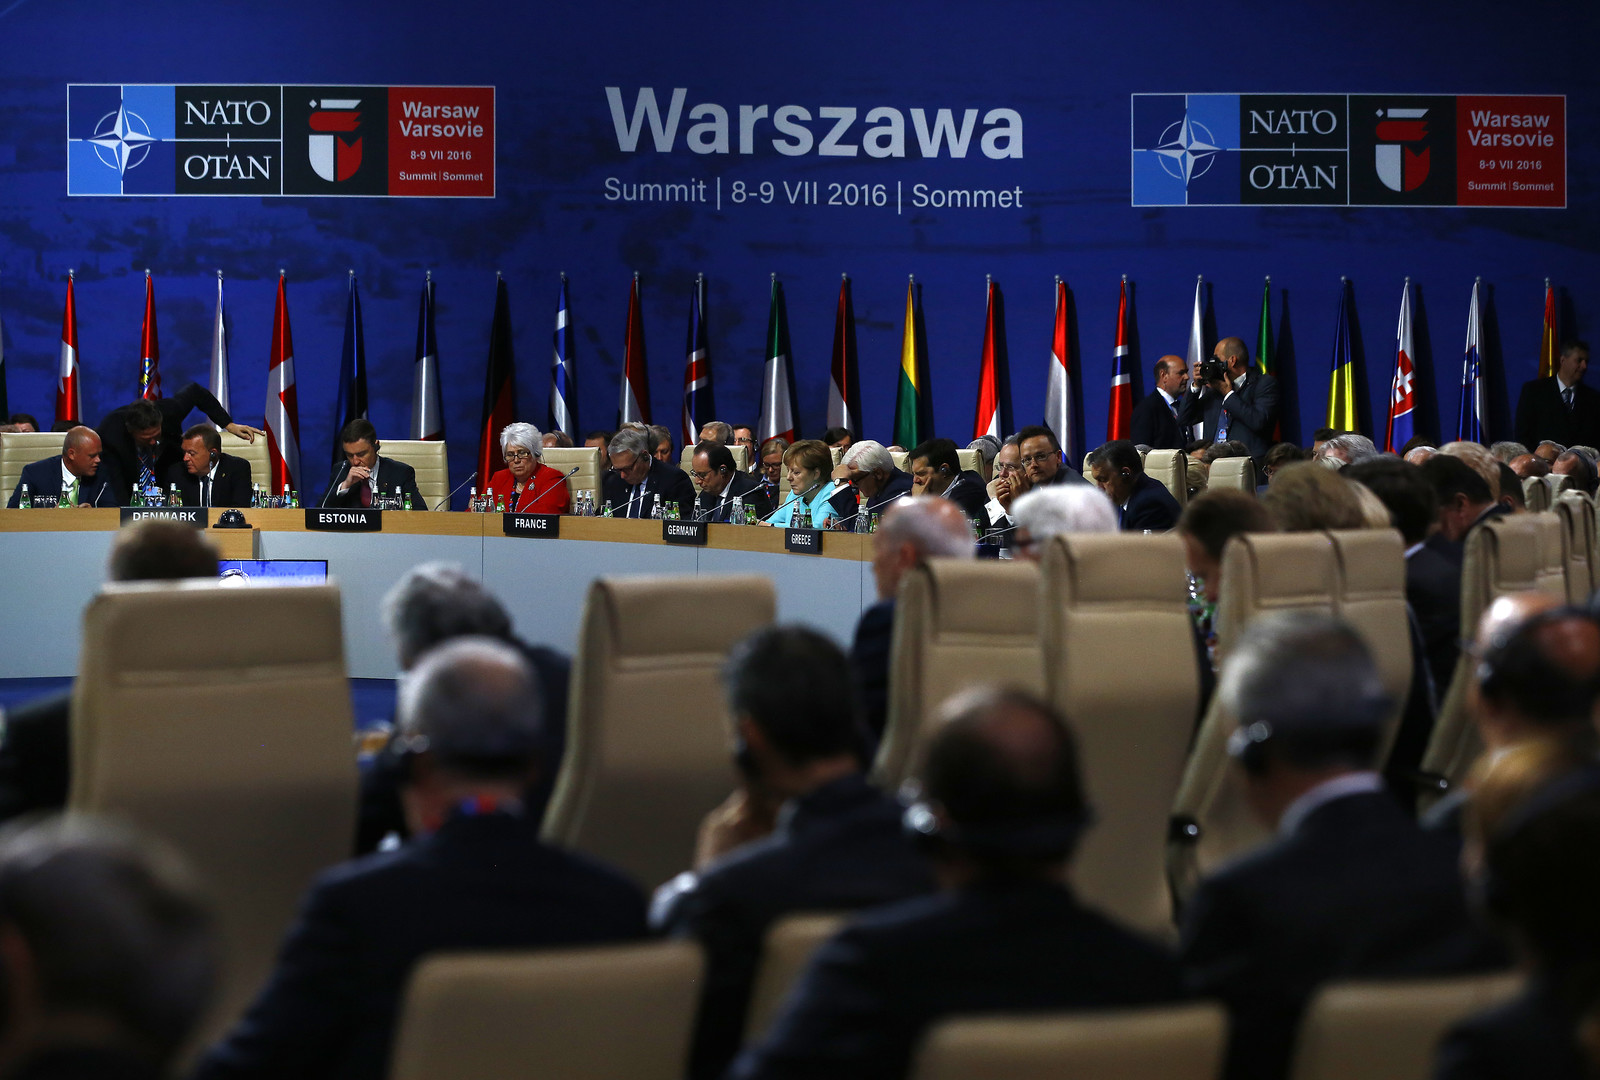 НАТО рисует дугу: альянс обнаружил угрозы от России до Ближнего Востока